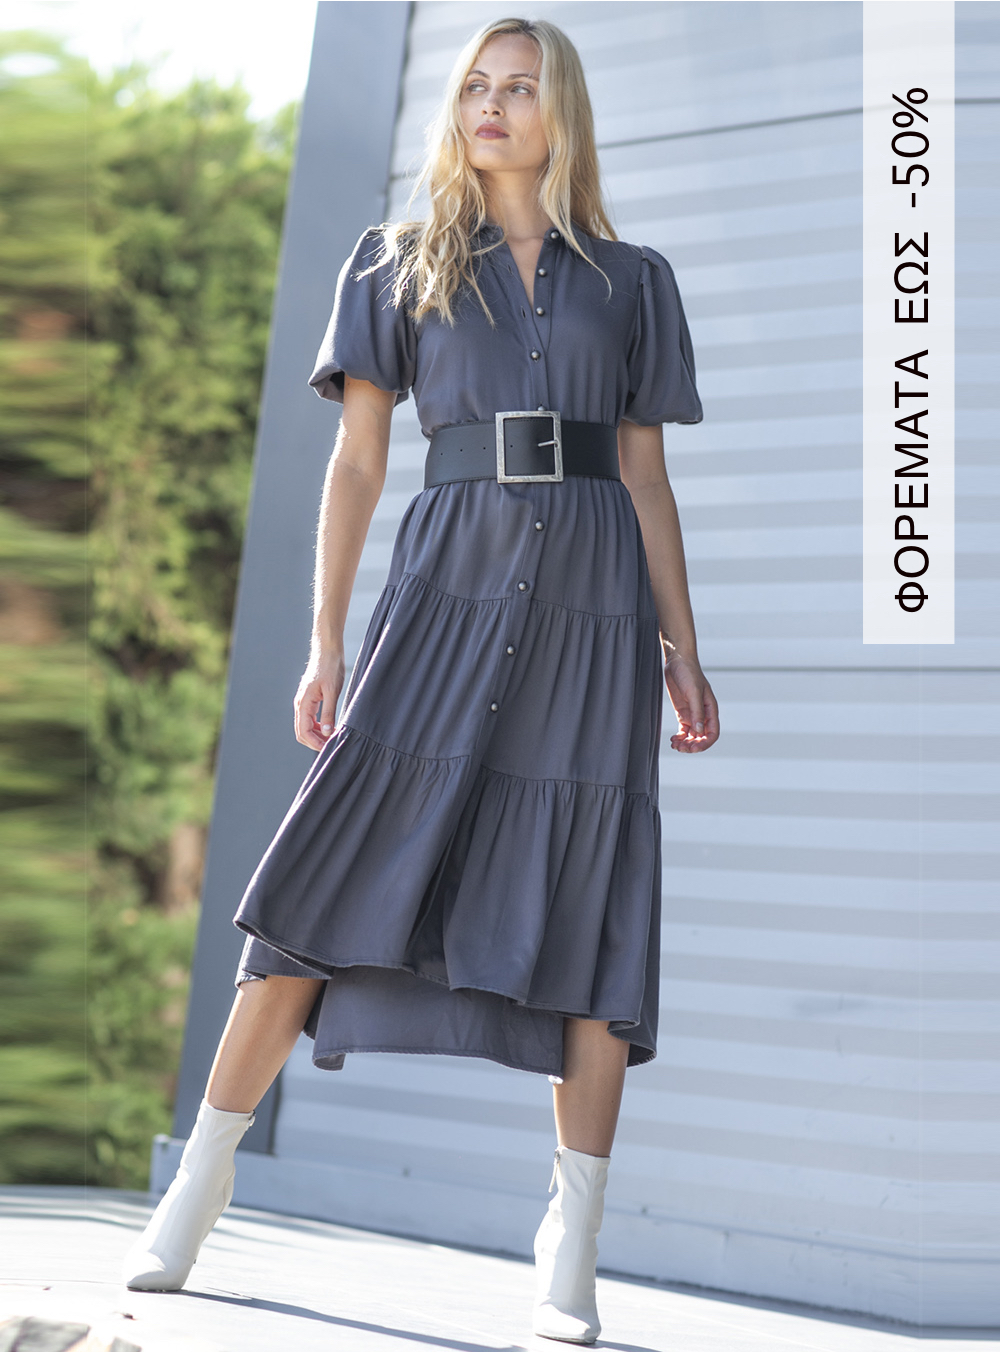 Φορέματα εώς και -50%   ΕΚΠΤΩΣΕΙΣ